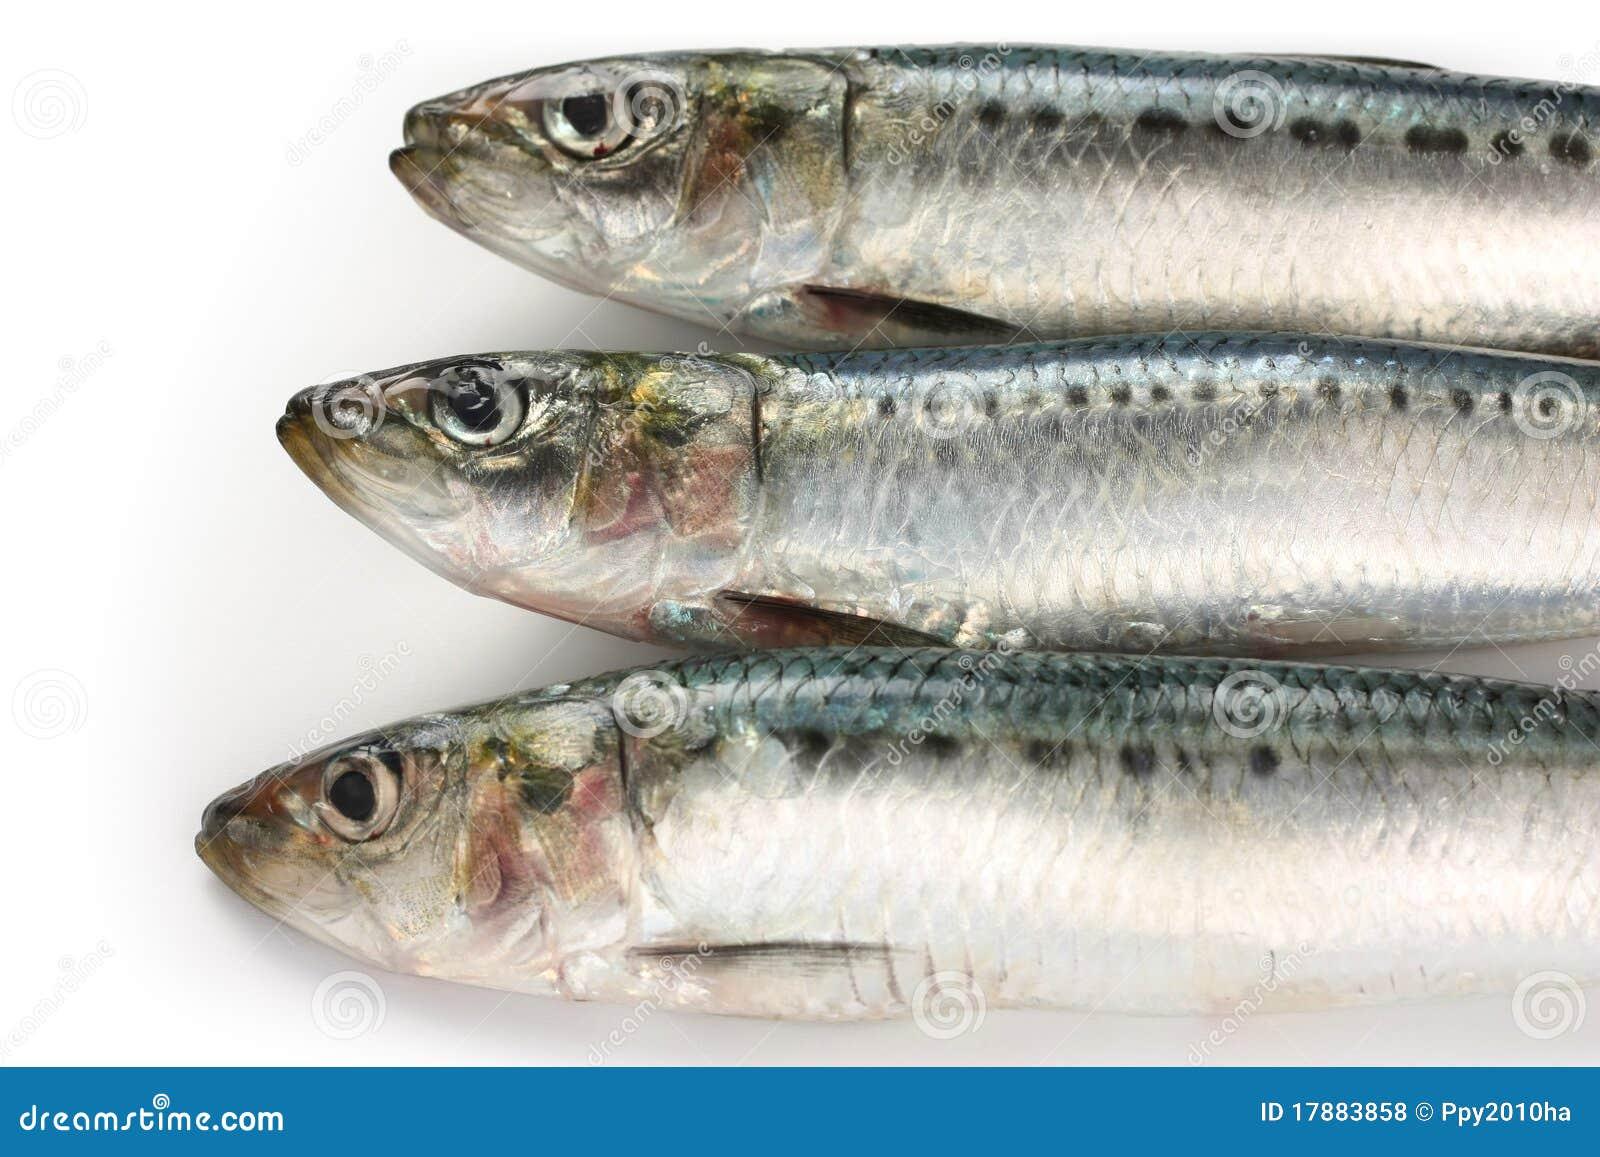 Sardine japonaise pilchard japonais photo stock image for Poisson japonais nourriture